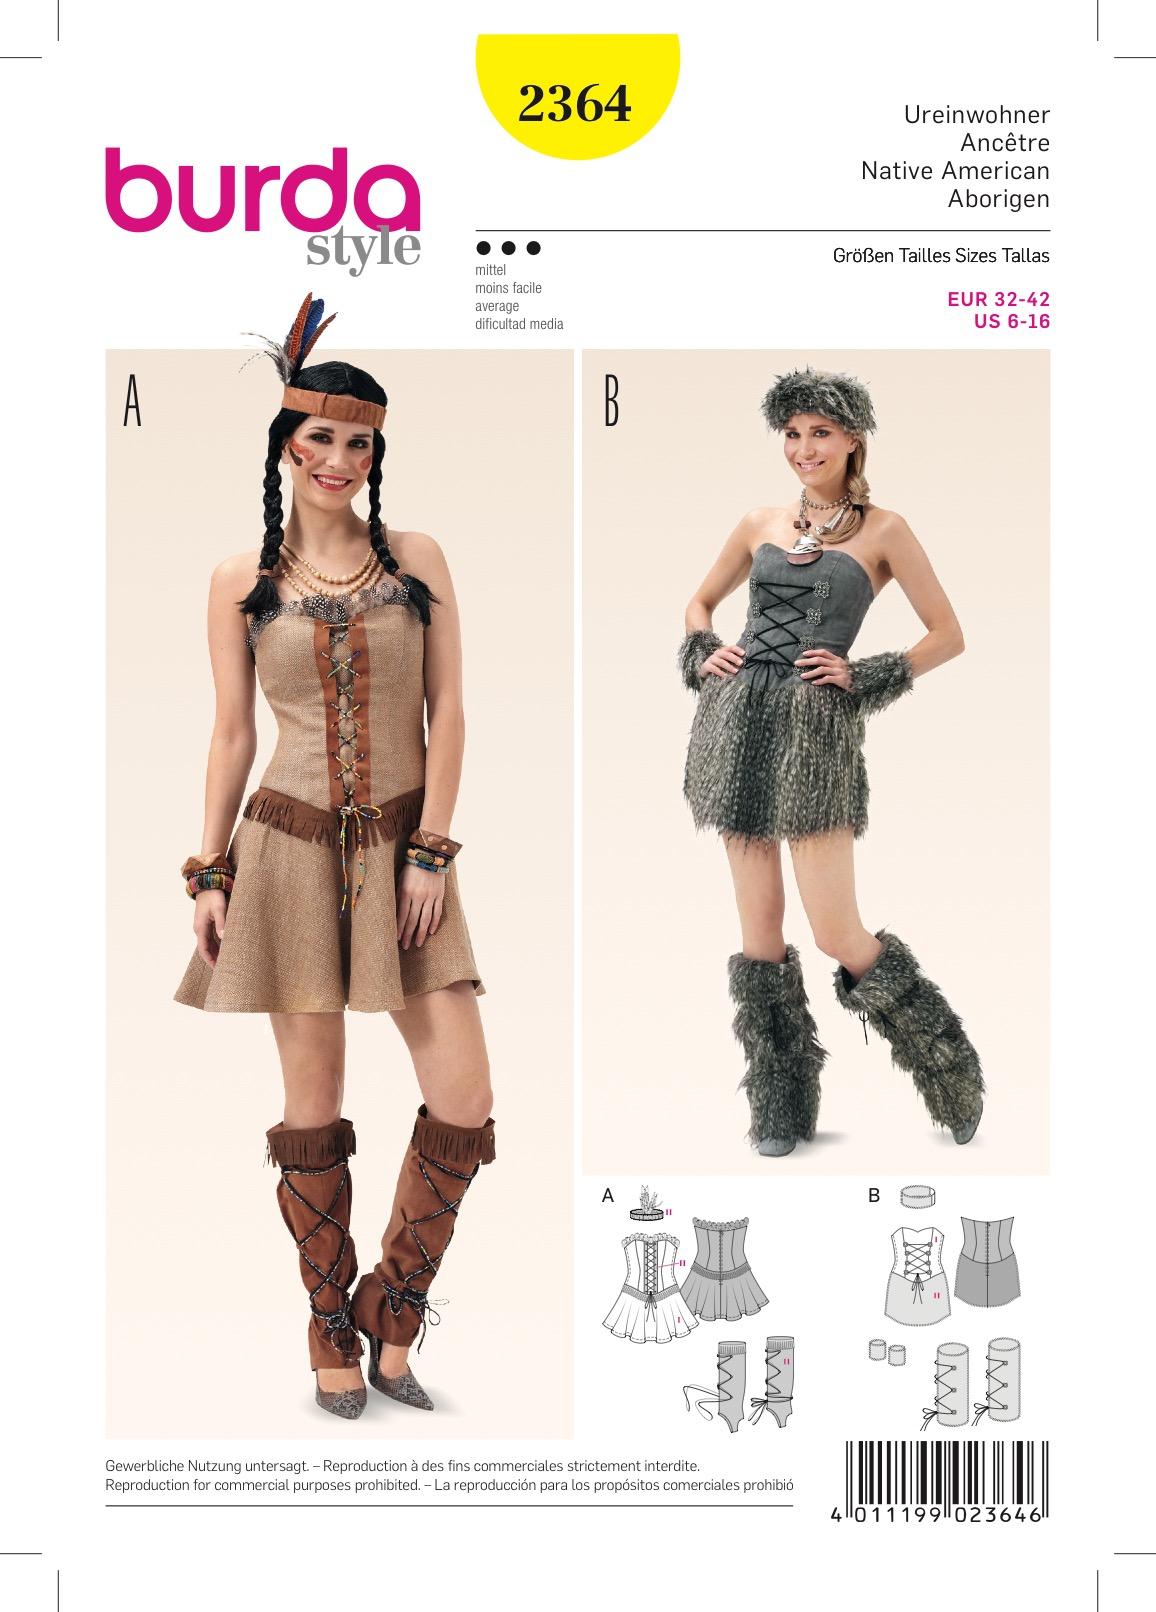 Burda 2364 Schnittmuster Kostüm Fasching Karneval Ureinwohner Indianer (Damen, Gr. 32 - 42) Level 3 mittel